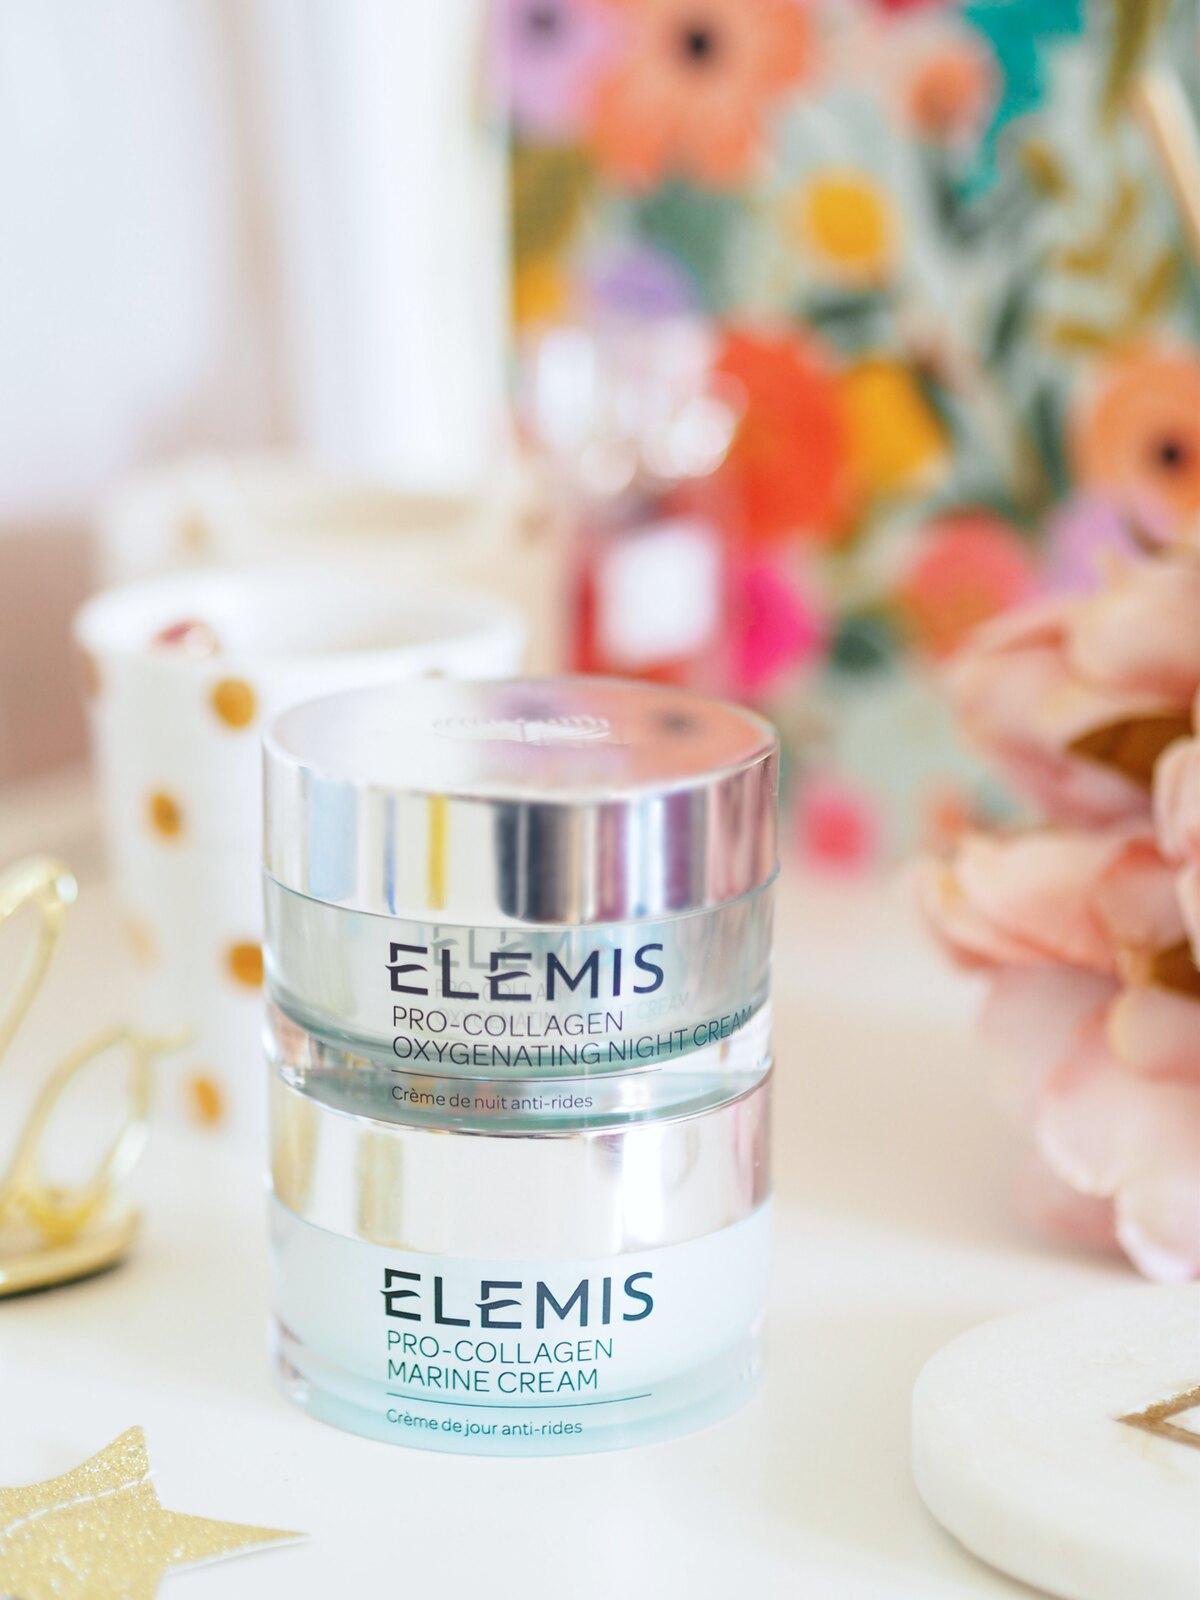 Elemis duo marine cream skincare